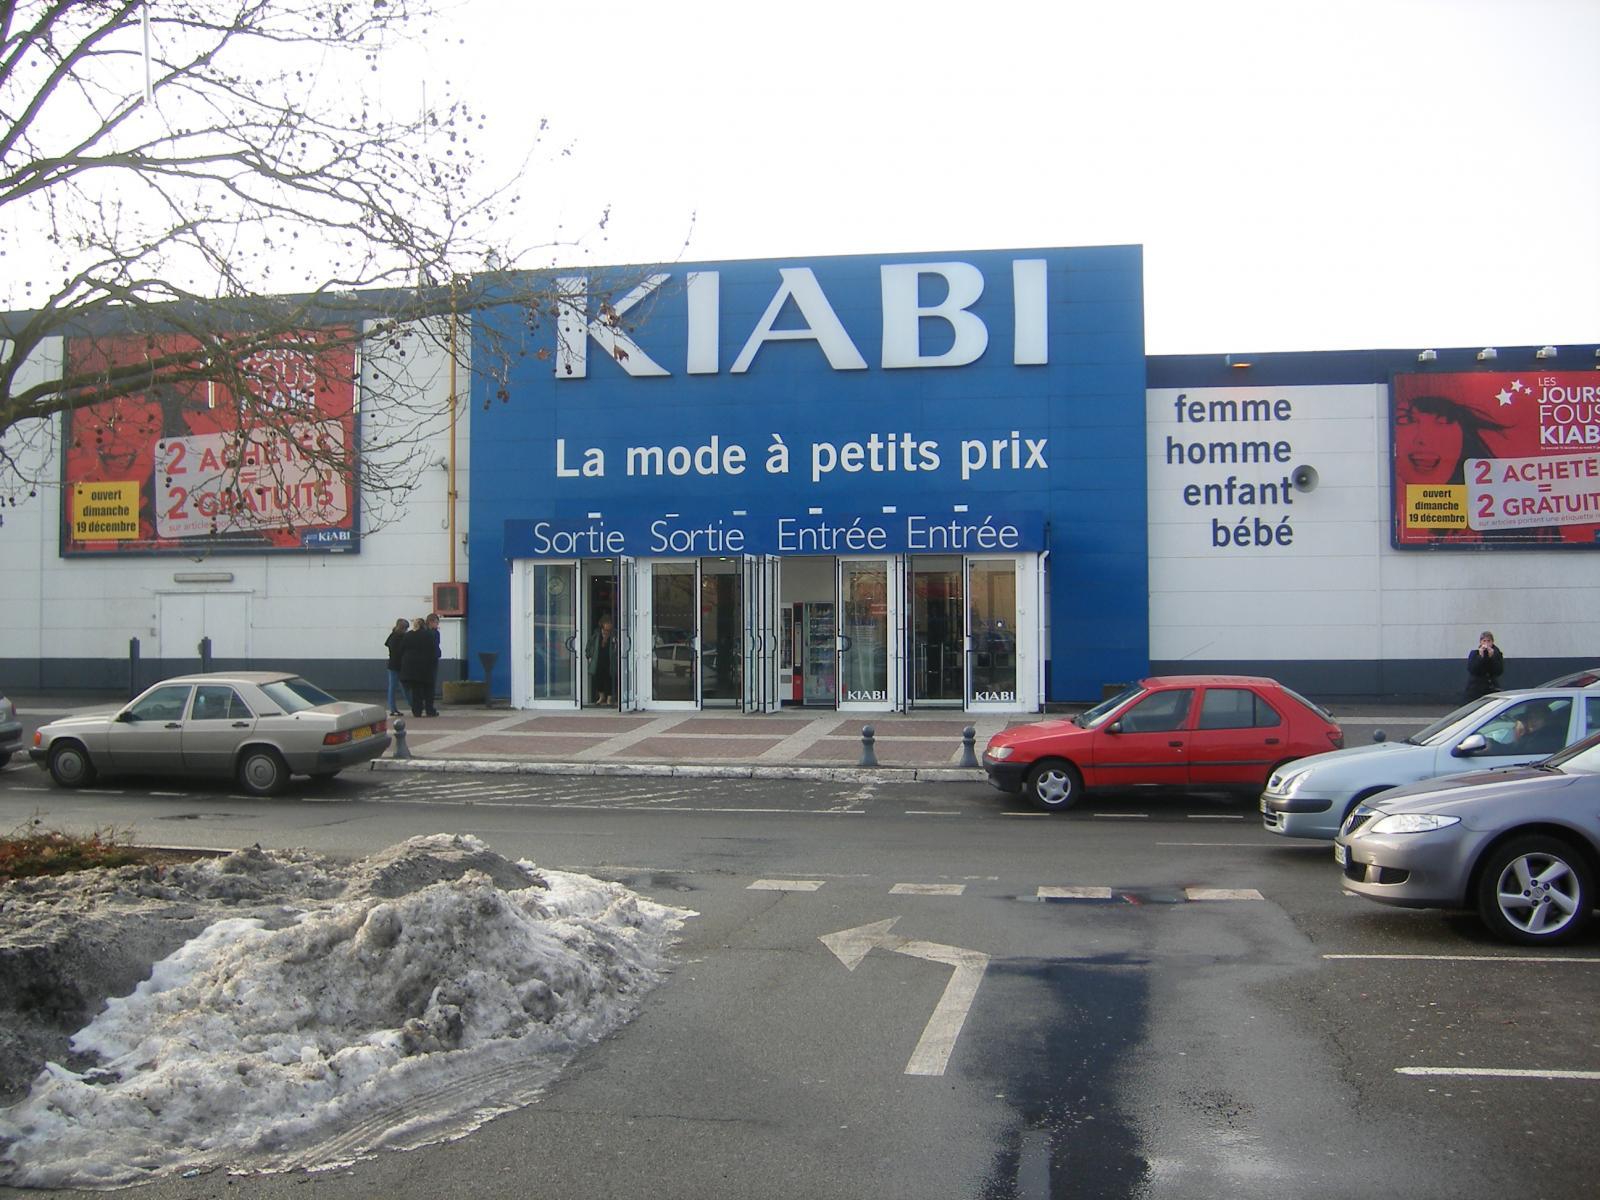 Code avantage kiabi, comment je m'y suis mise